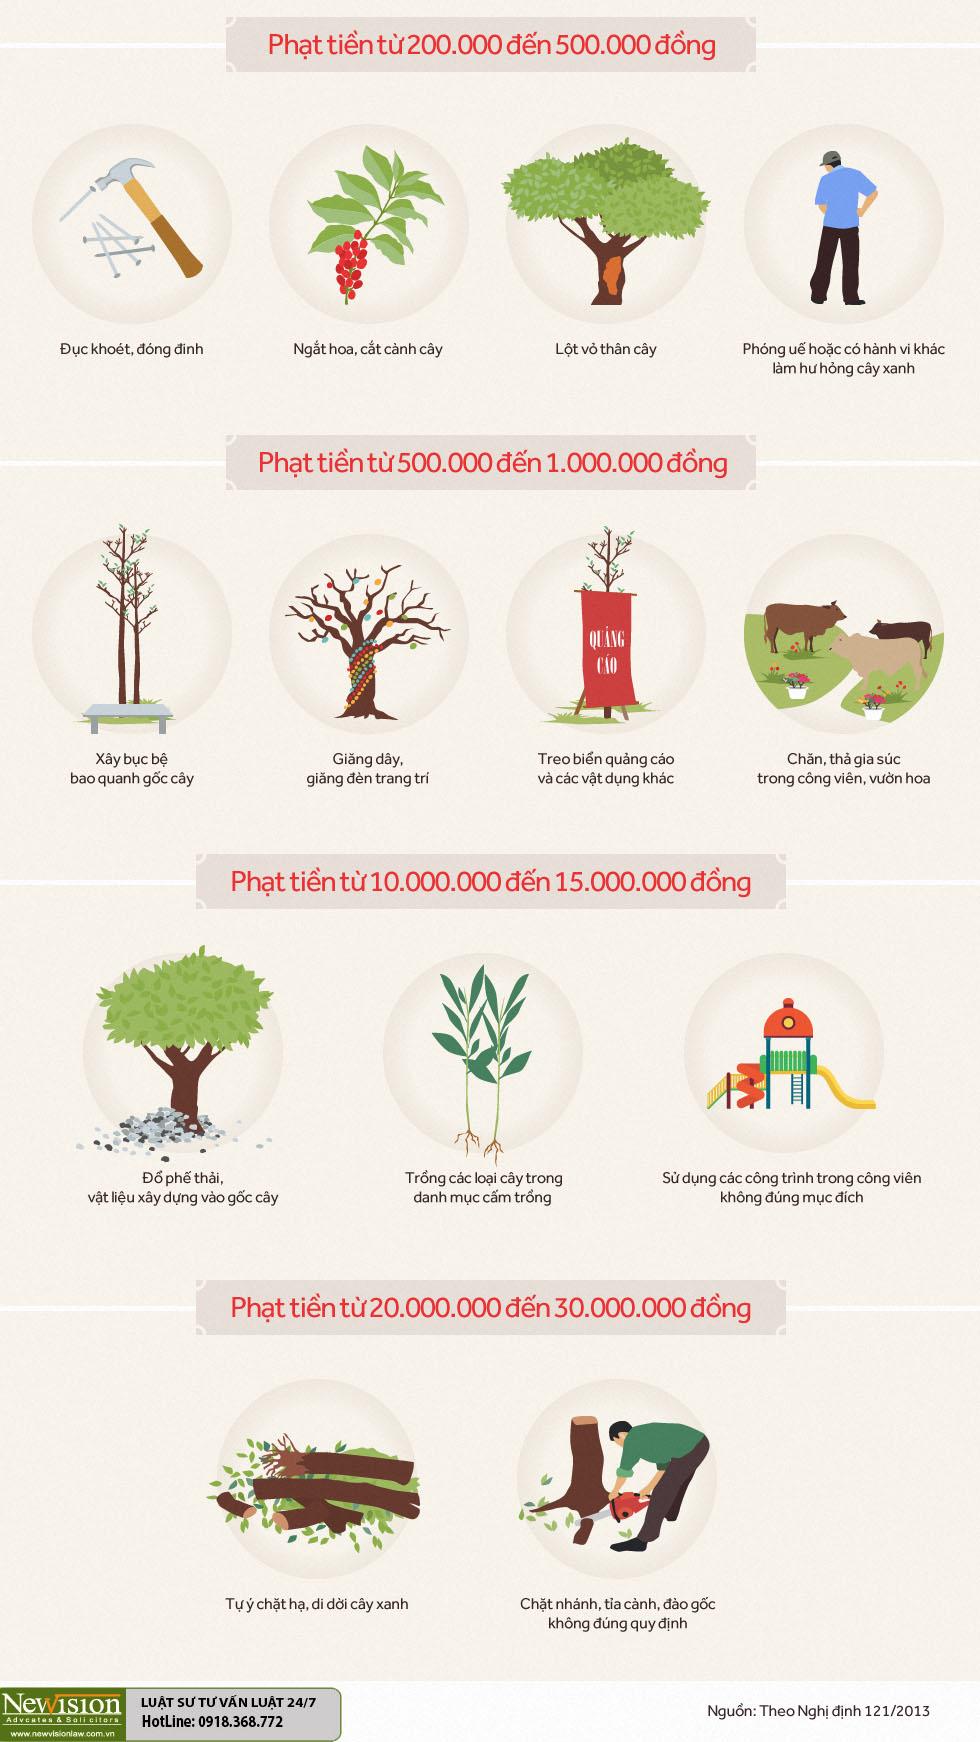 Ngắt hoa, lột vỏ cây ở vỉa hè bị phạt 500.000 đồng